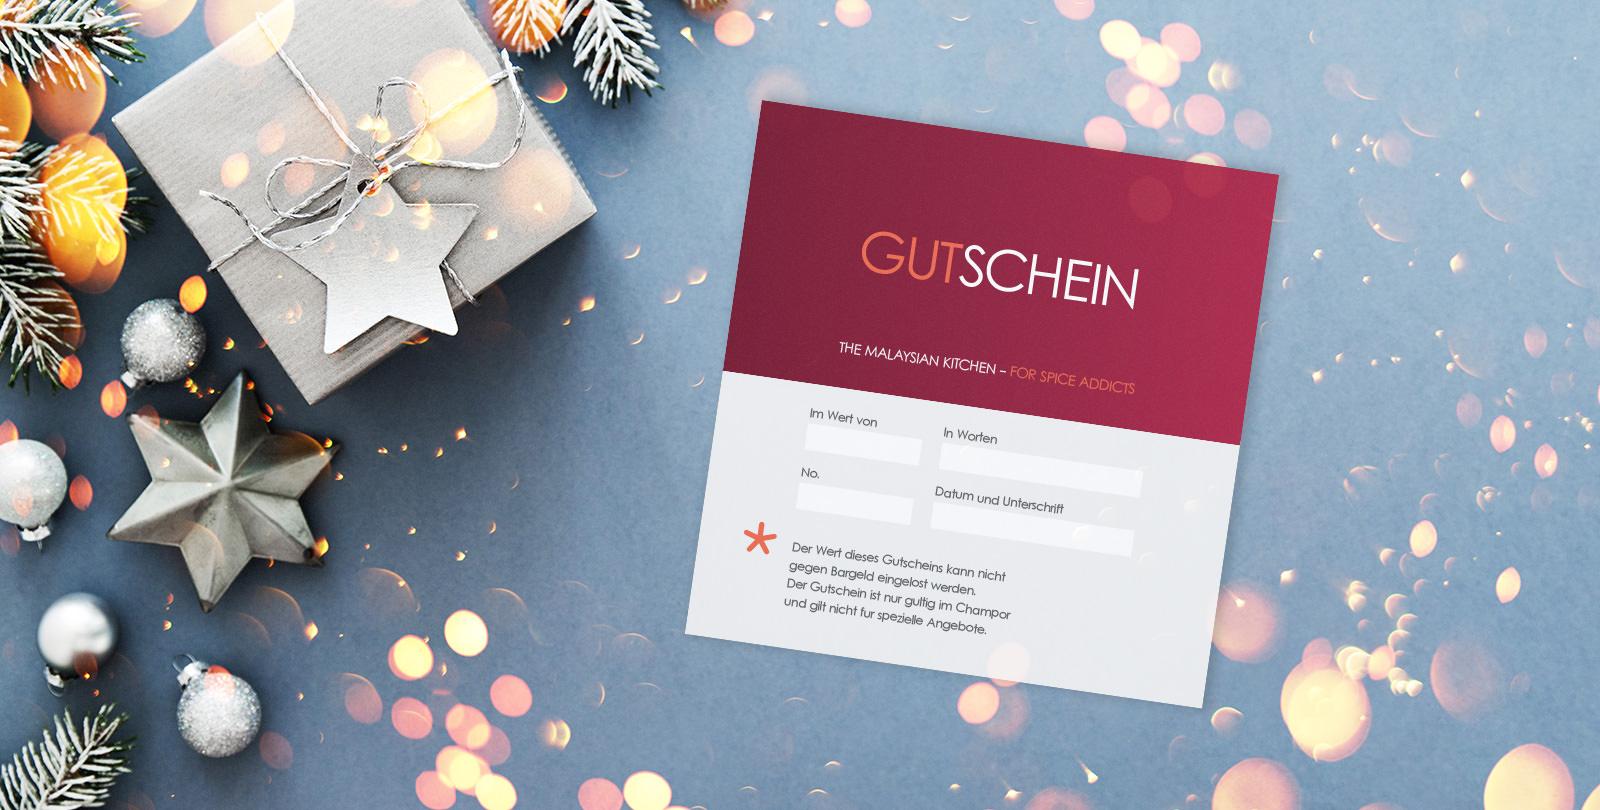 Champor Gutschein in Weichnachts-Kulisse